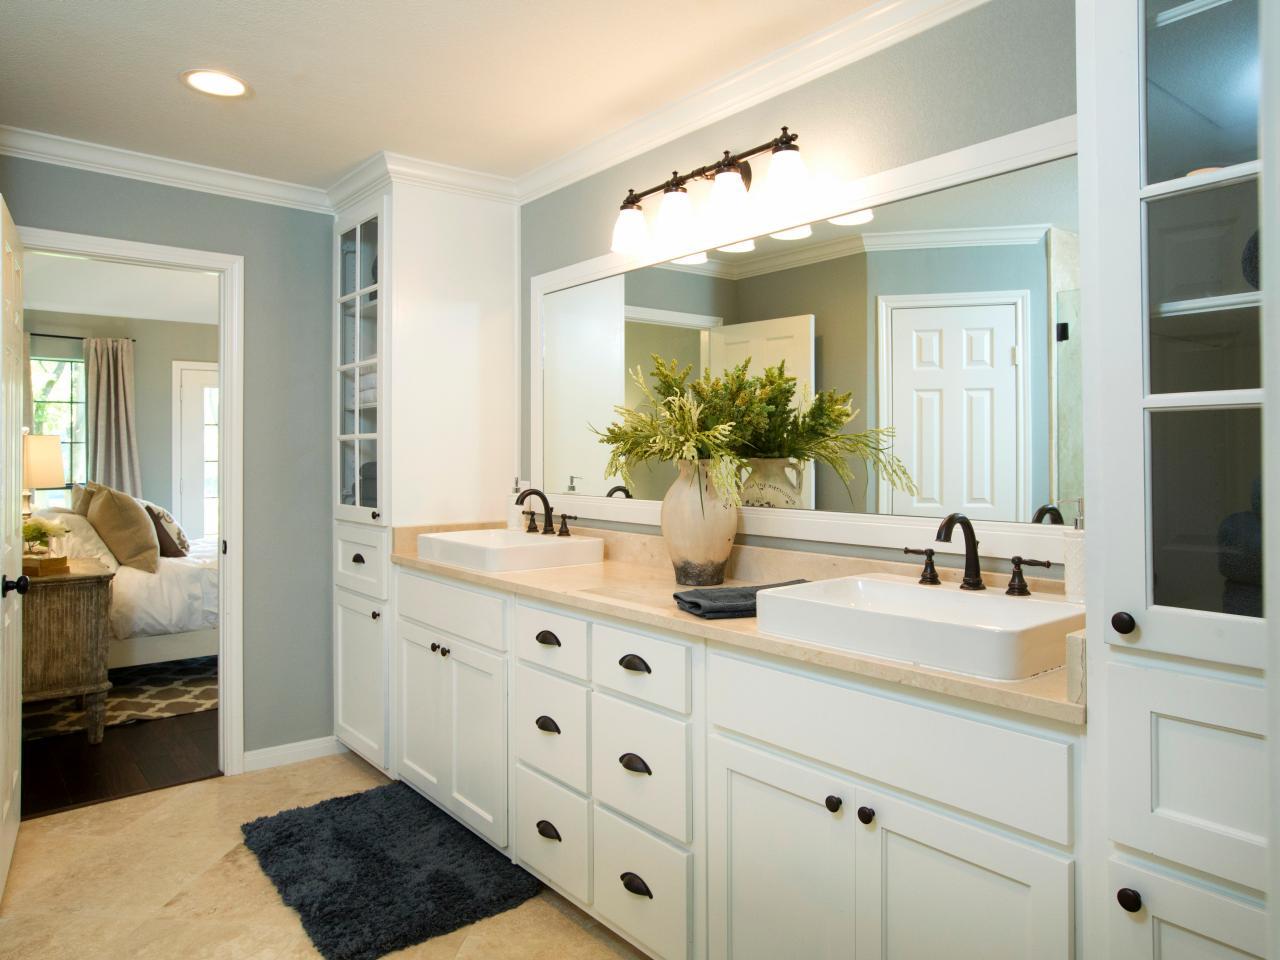 Under-Sink Storage Options. Bathrooms